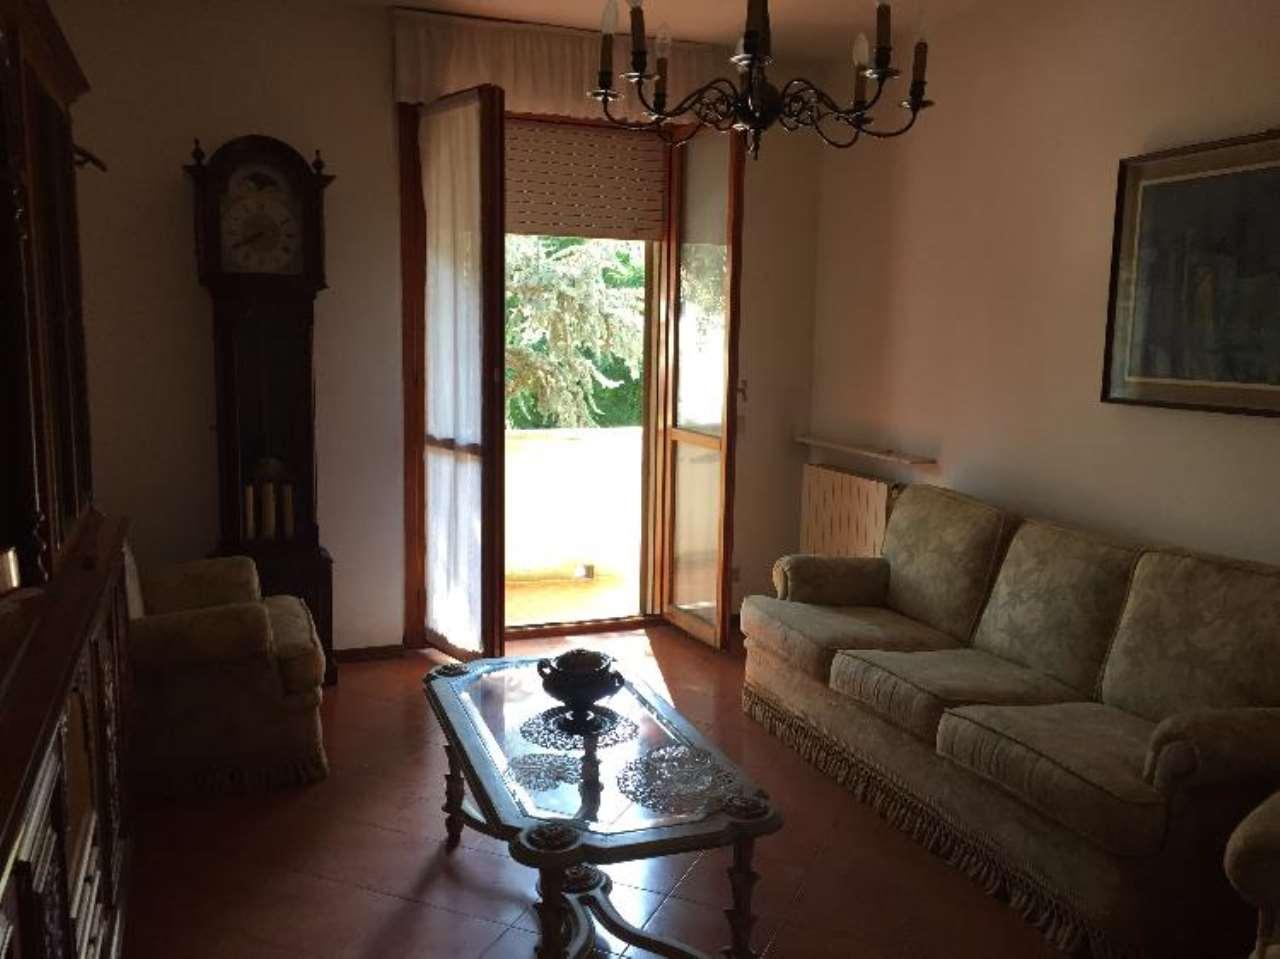 Appartamento in vendita a Sospiro, 2 locali, prezzo € 45.000 | CambioCasa.it